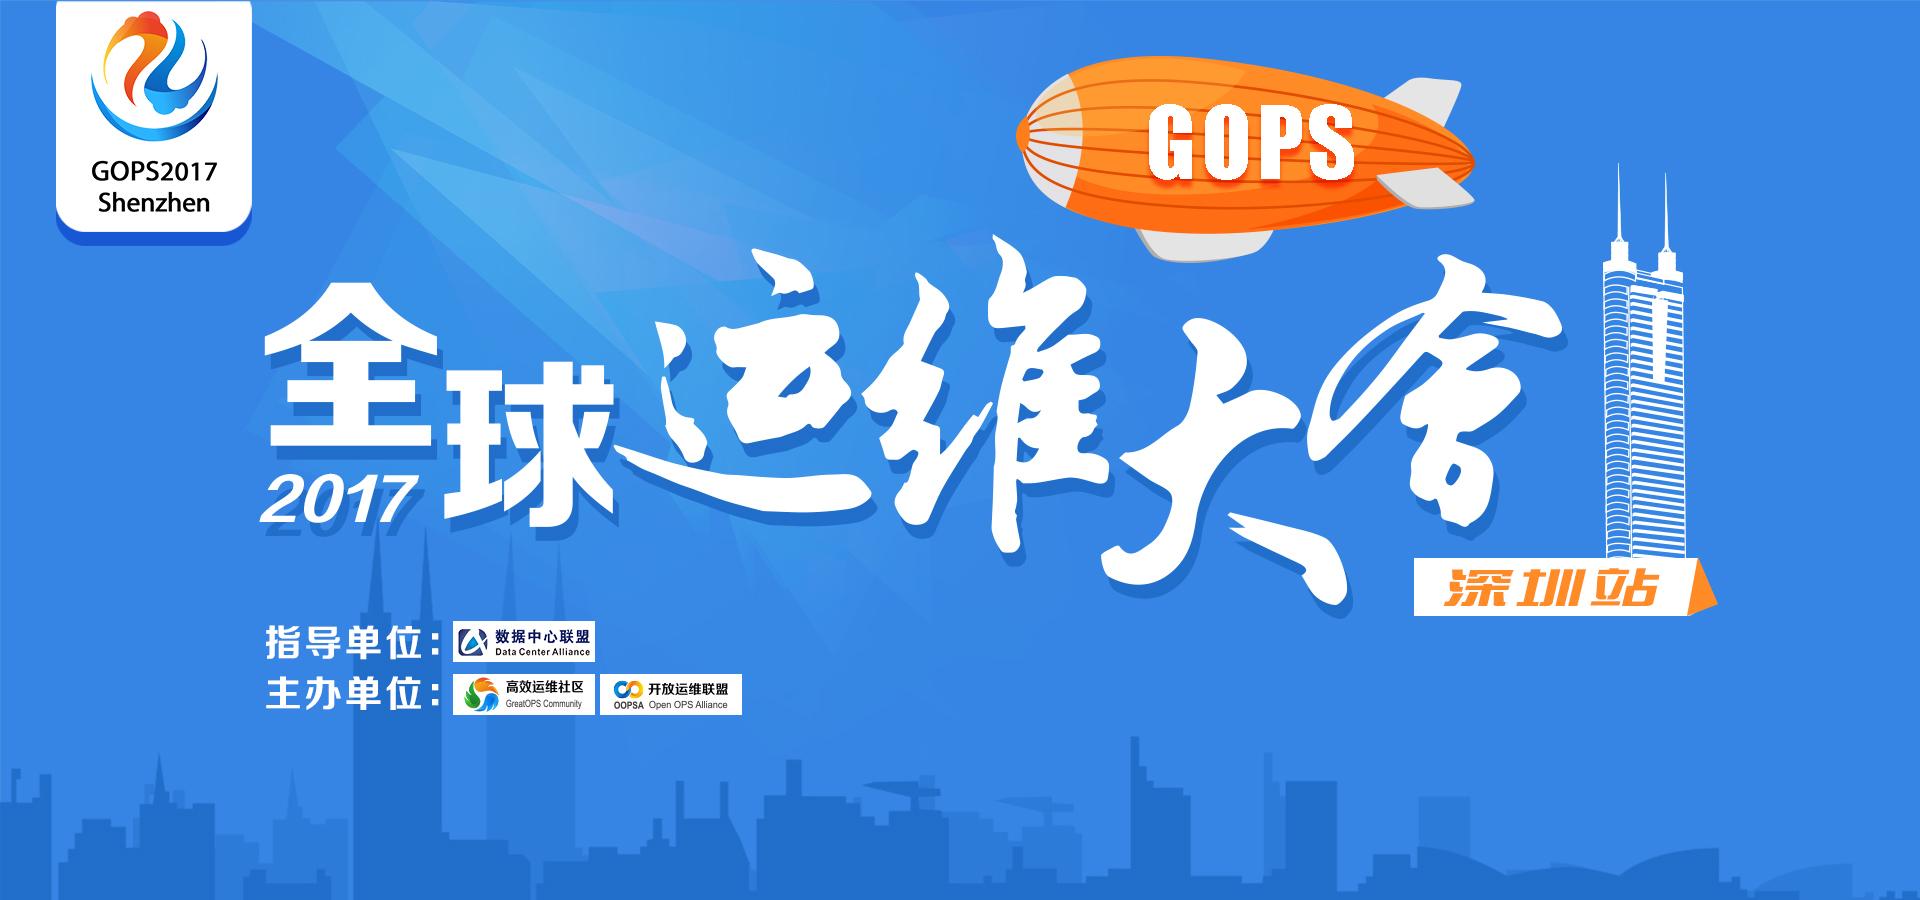 GOPS2017全球运维大会 • 深圳站-英文站点